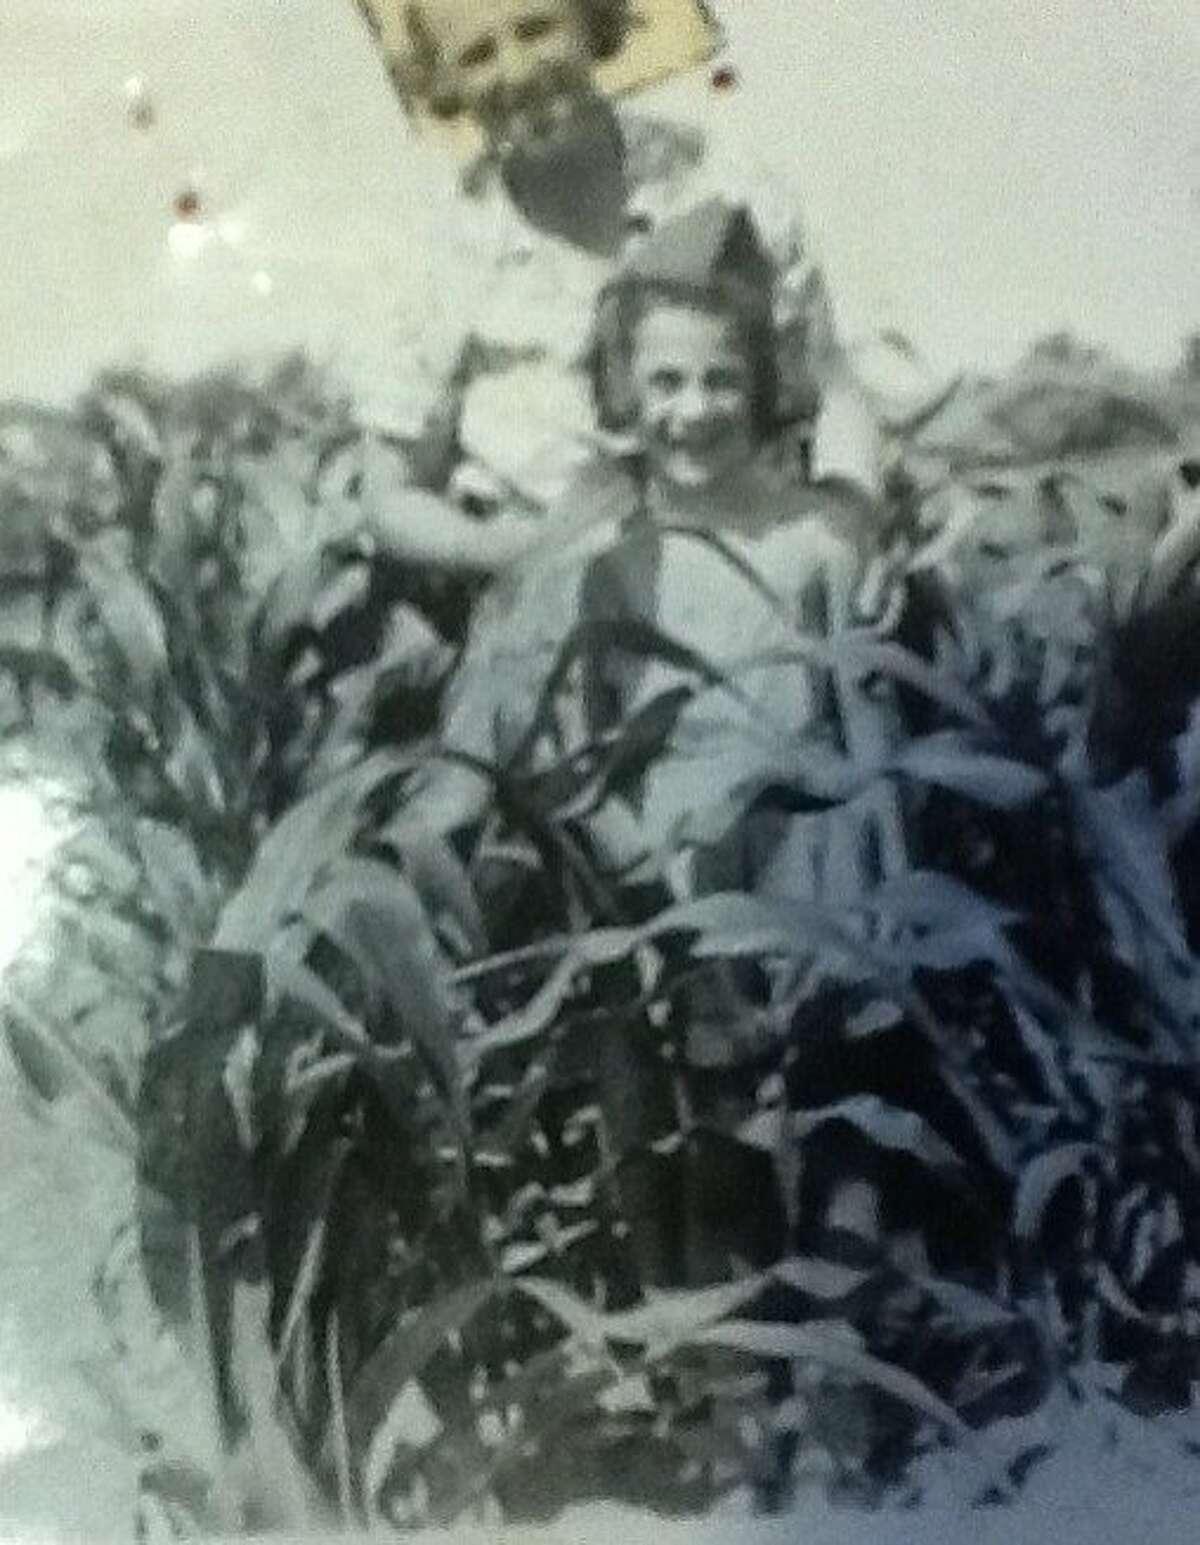 Paula Wolfert is seen with her grandmother in her victory garden in 1943.